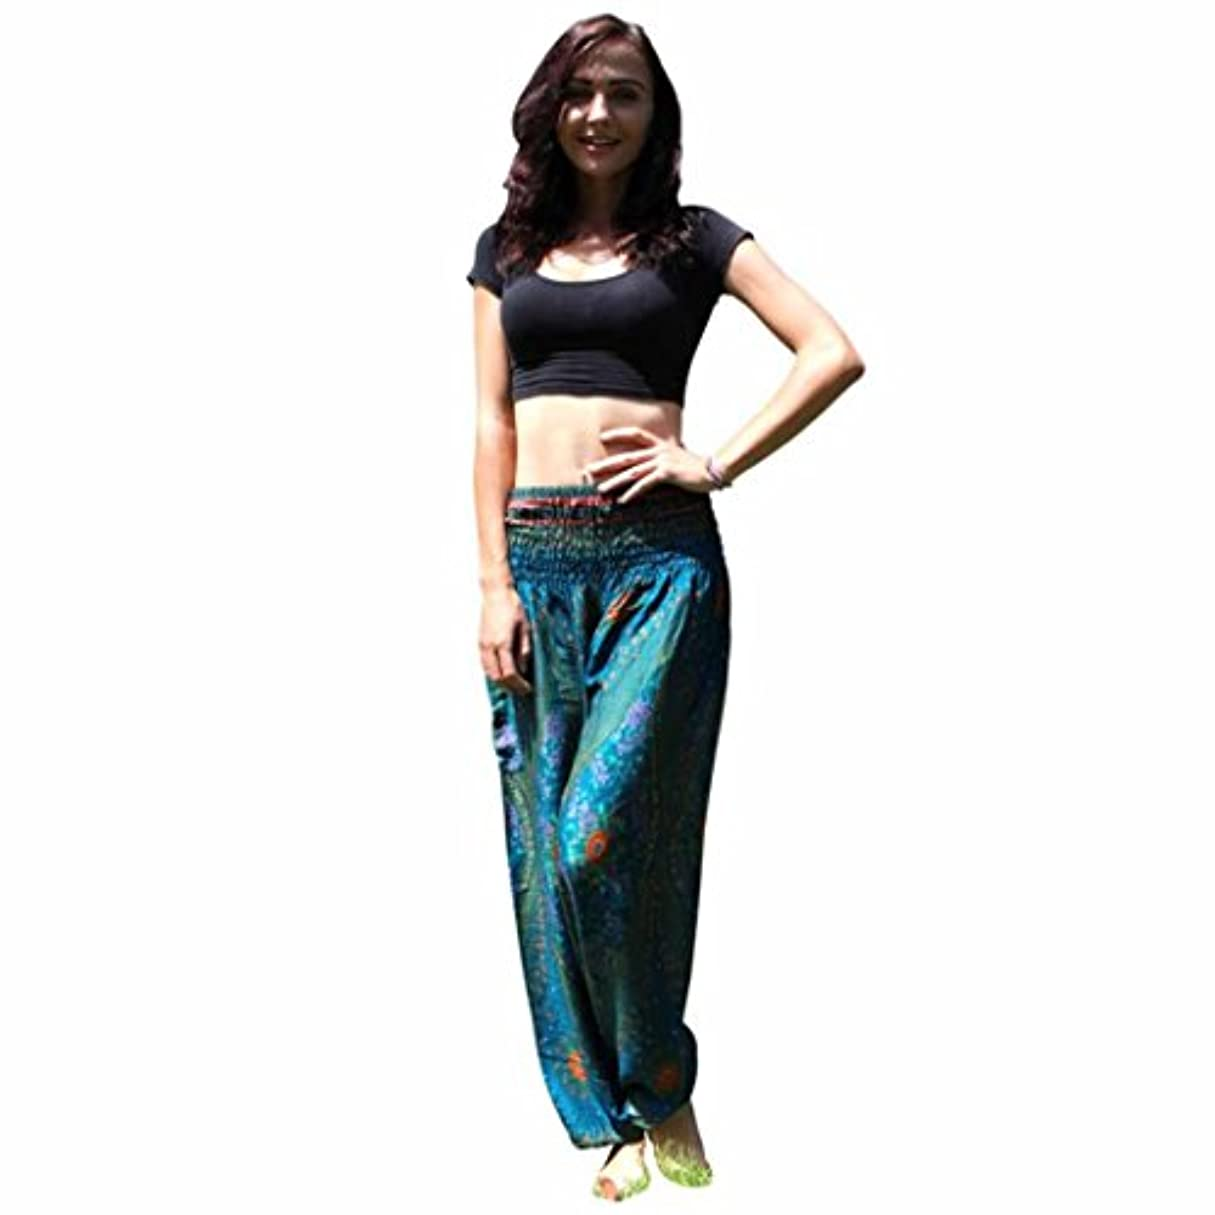 おしゃれじゃないボーナスかろうじてMhomzawa パンツ男性女性タイのハレムのズボンフェスティバルヒッピーのスモックハイウエストのパンツのタイハーレムヨガ?パンツ